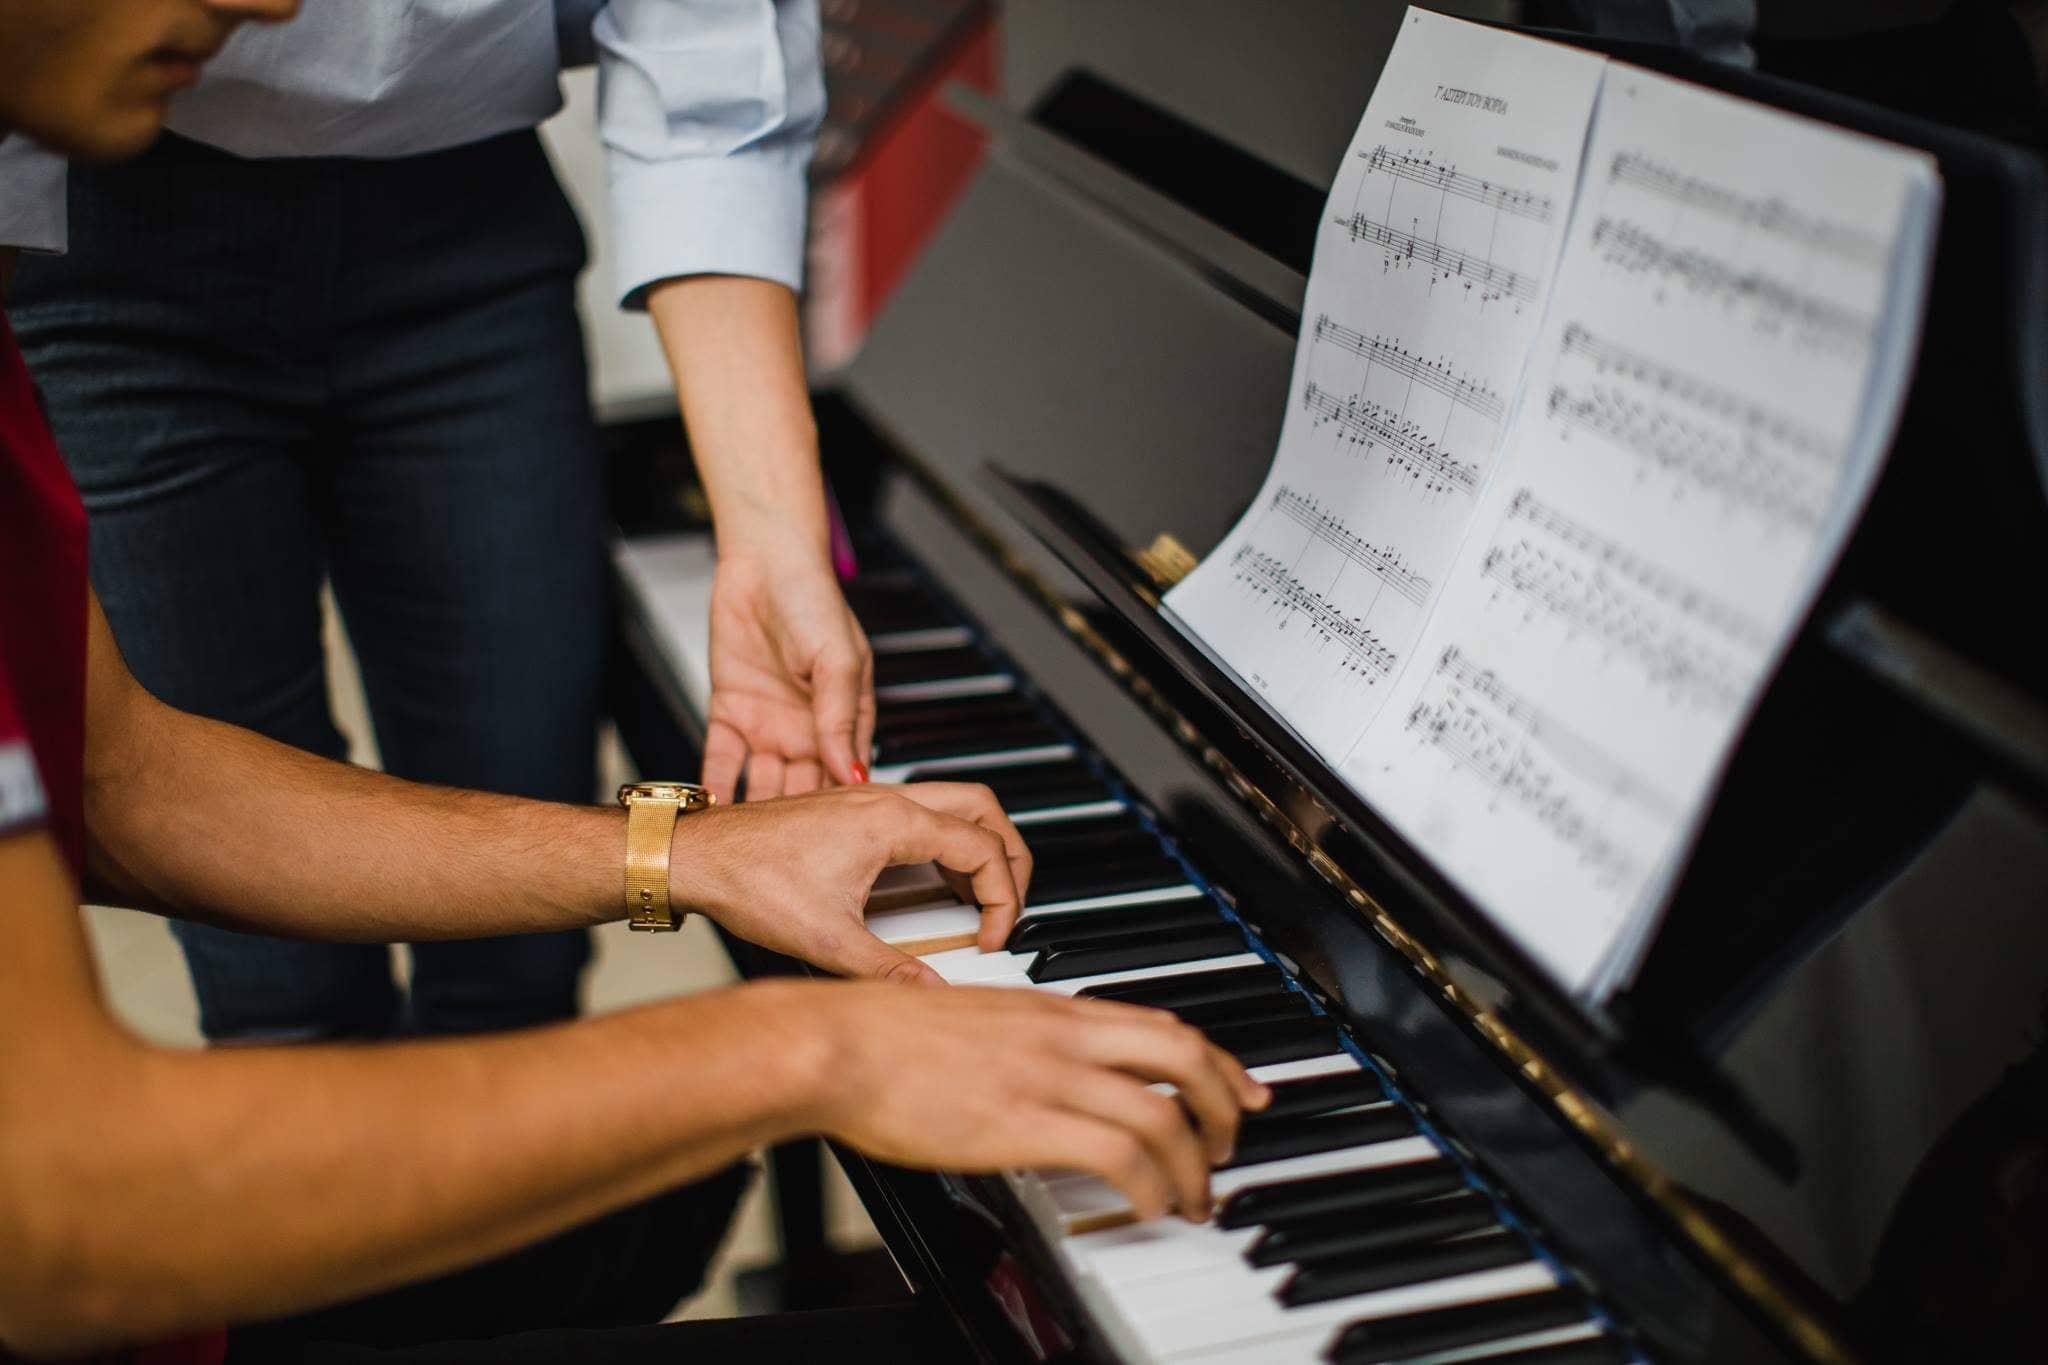 Η διευθύντρια της Μουσικής Σχολής Κλεοπάτρας Χρυσοστόμου μας λέει η Αγάπη για την Μουσική διδάσκεται!!!